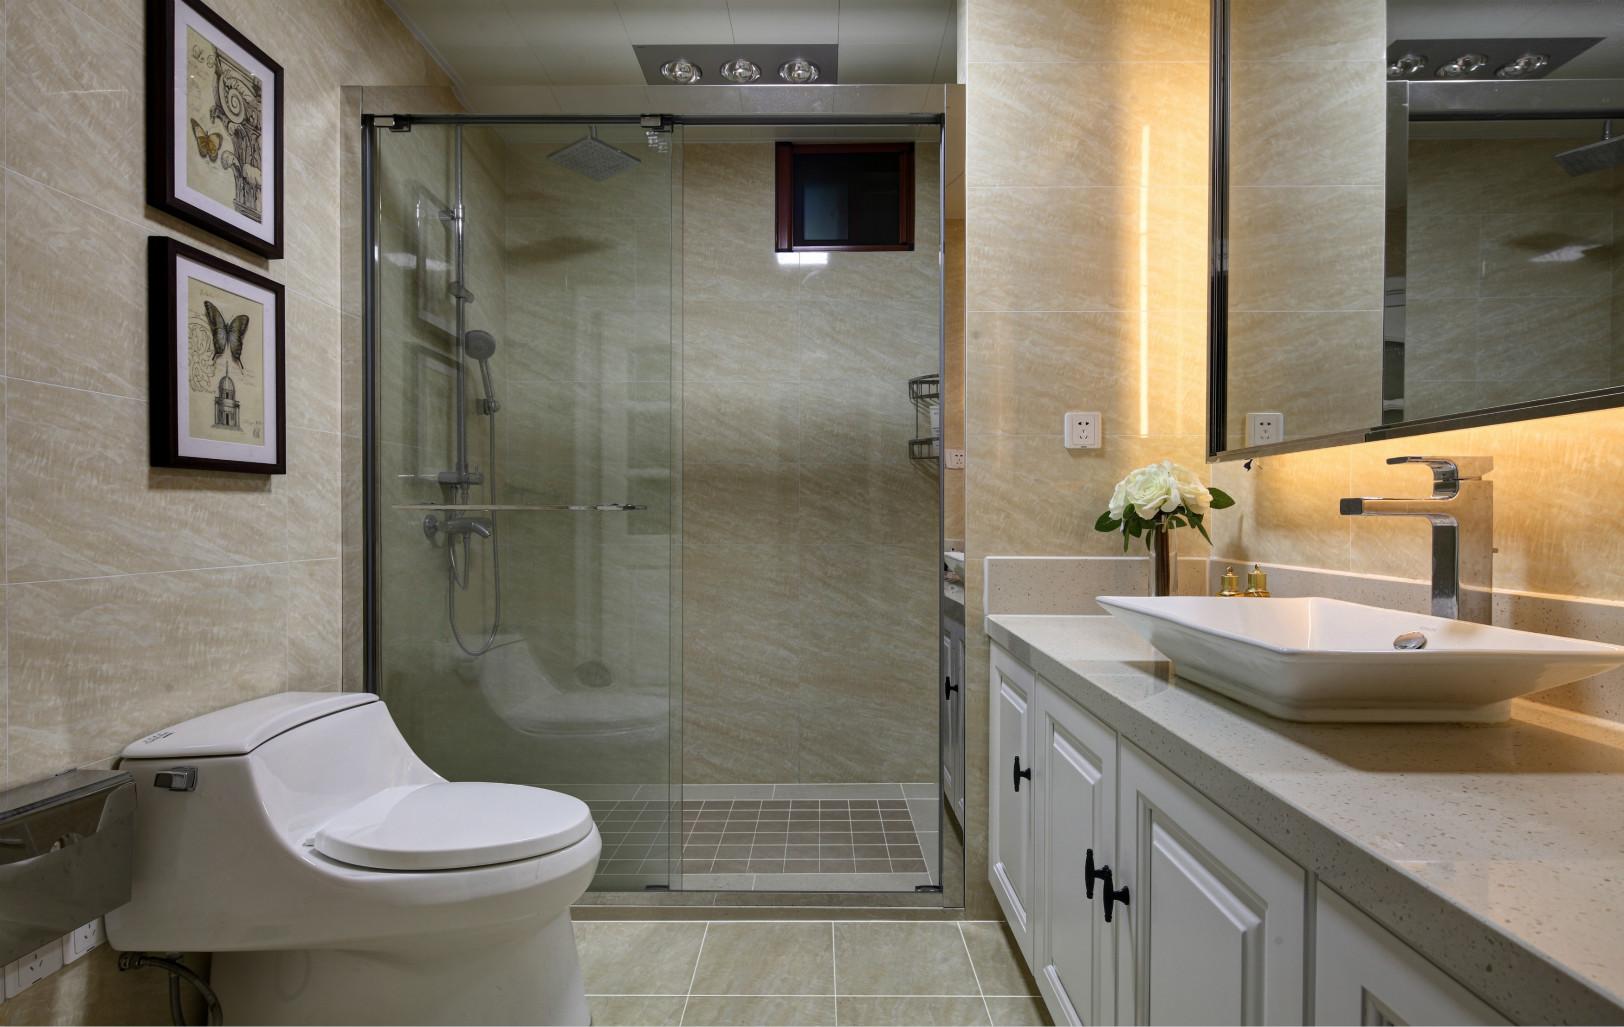 卫生间简约搭配十分洁净,空间也足够。